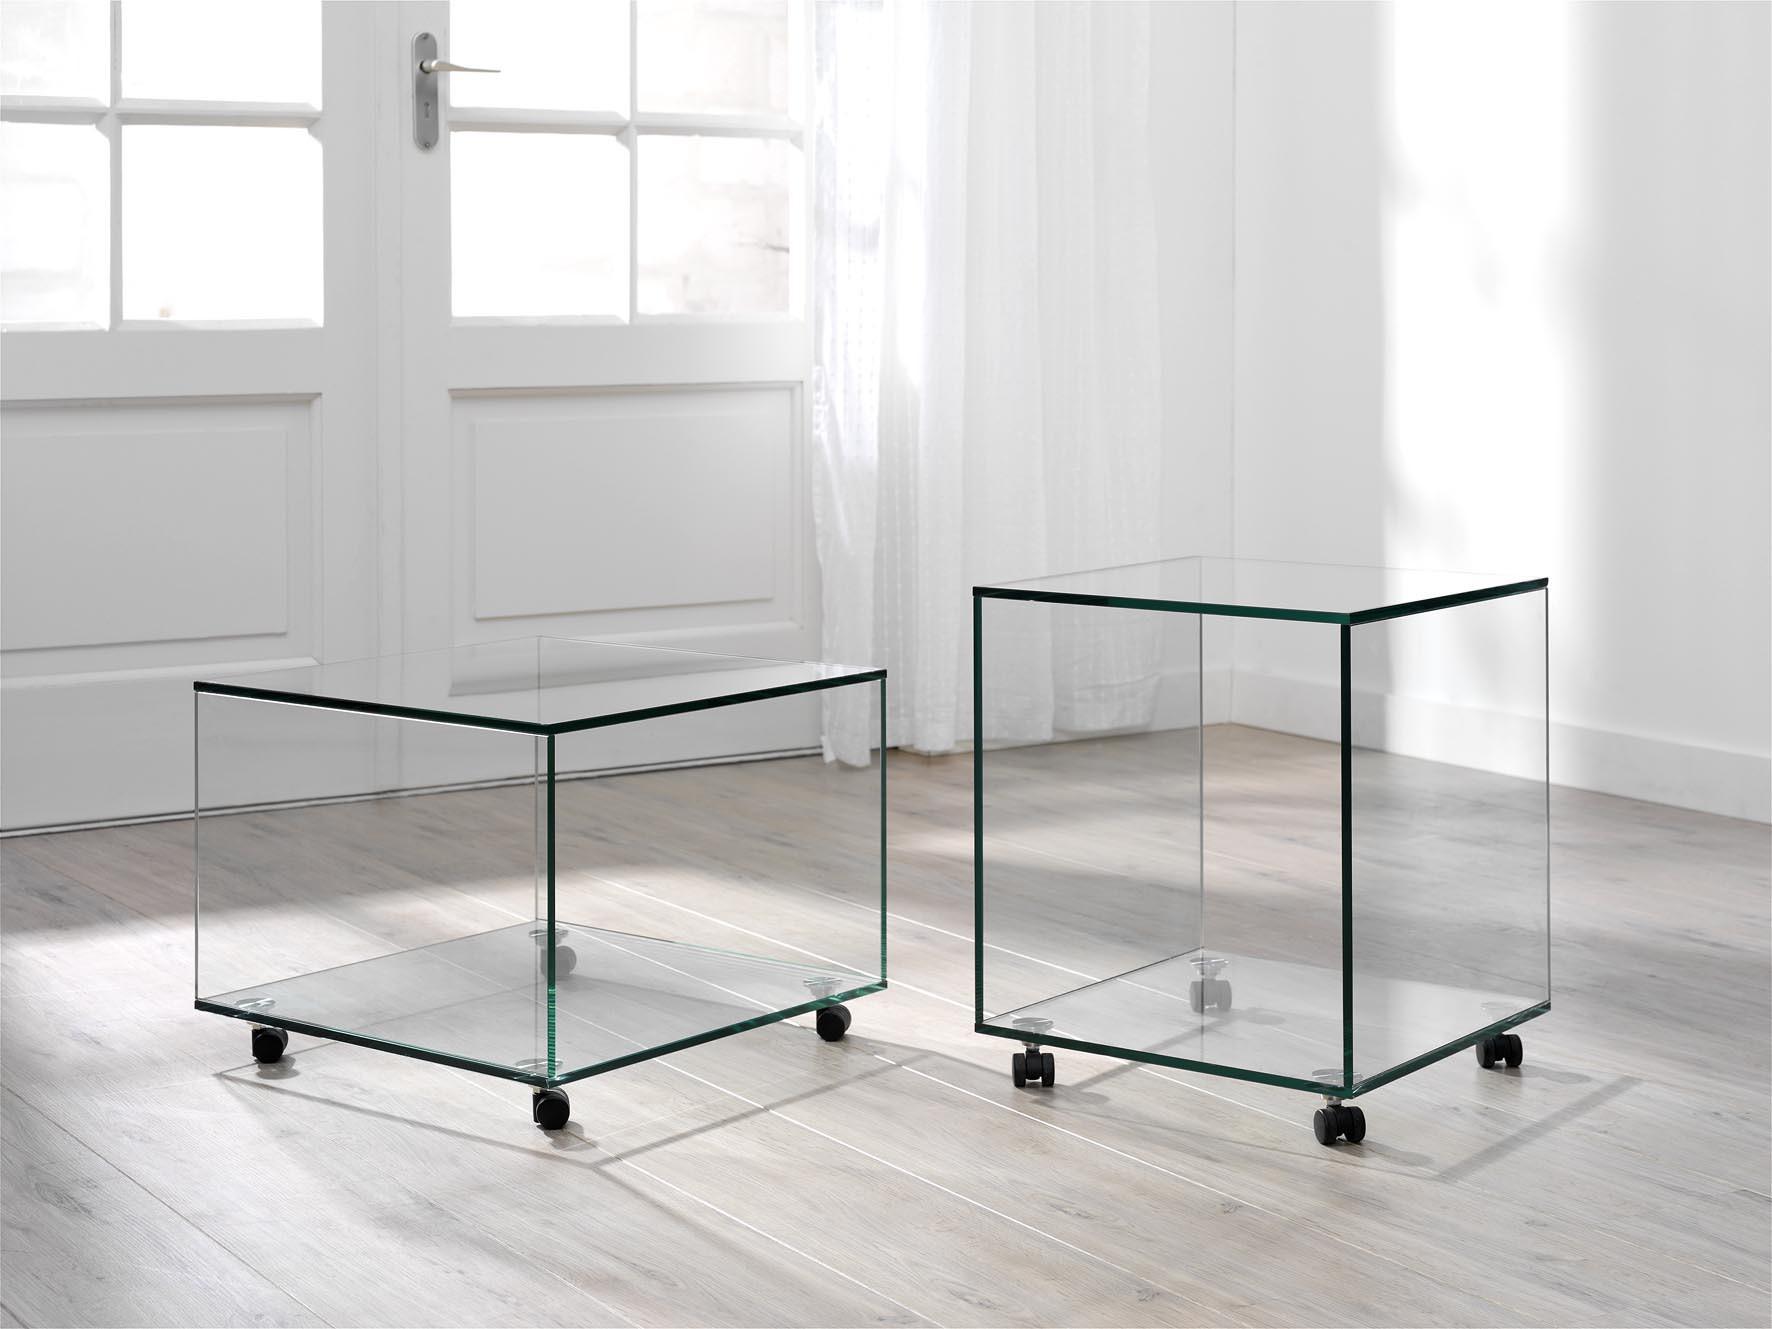 Rechthoekige Glazen Tafel.Glazen Bijzettafel San Diego Op Maat Glazentafel Com